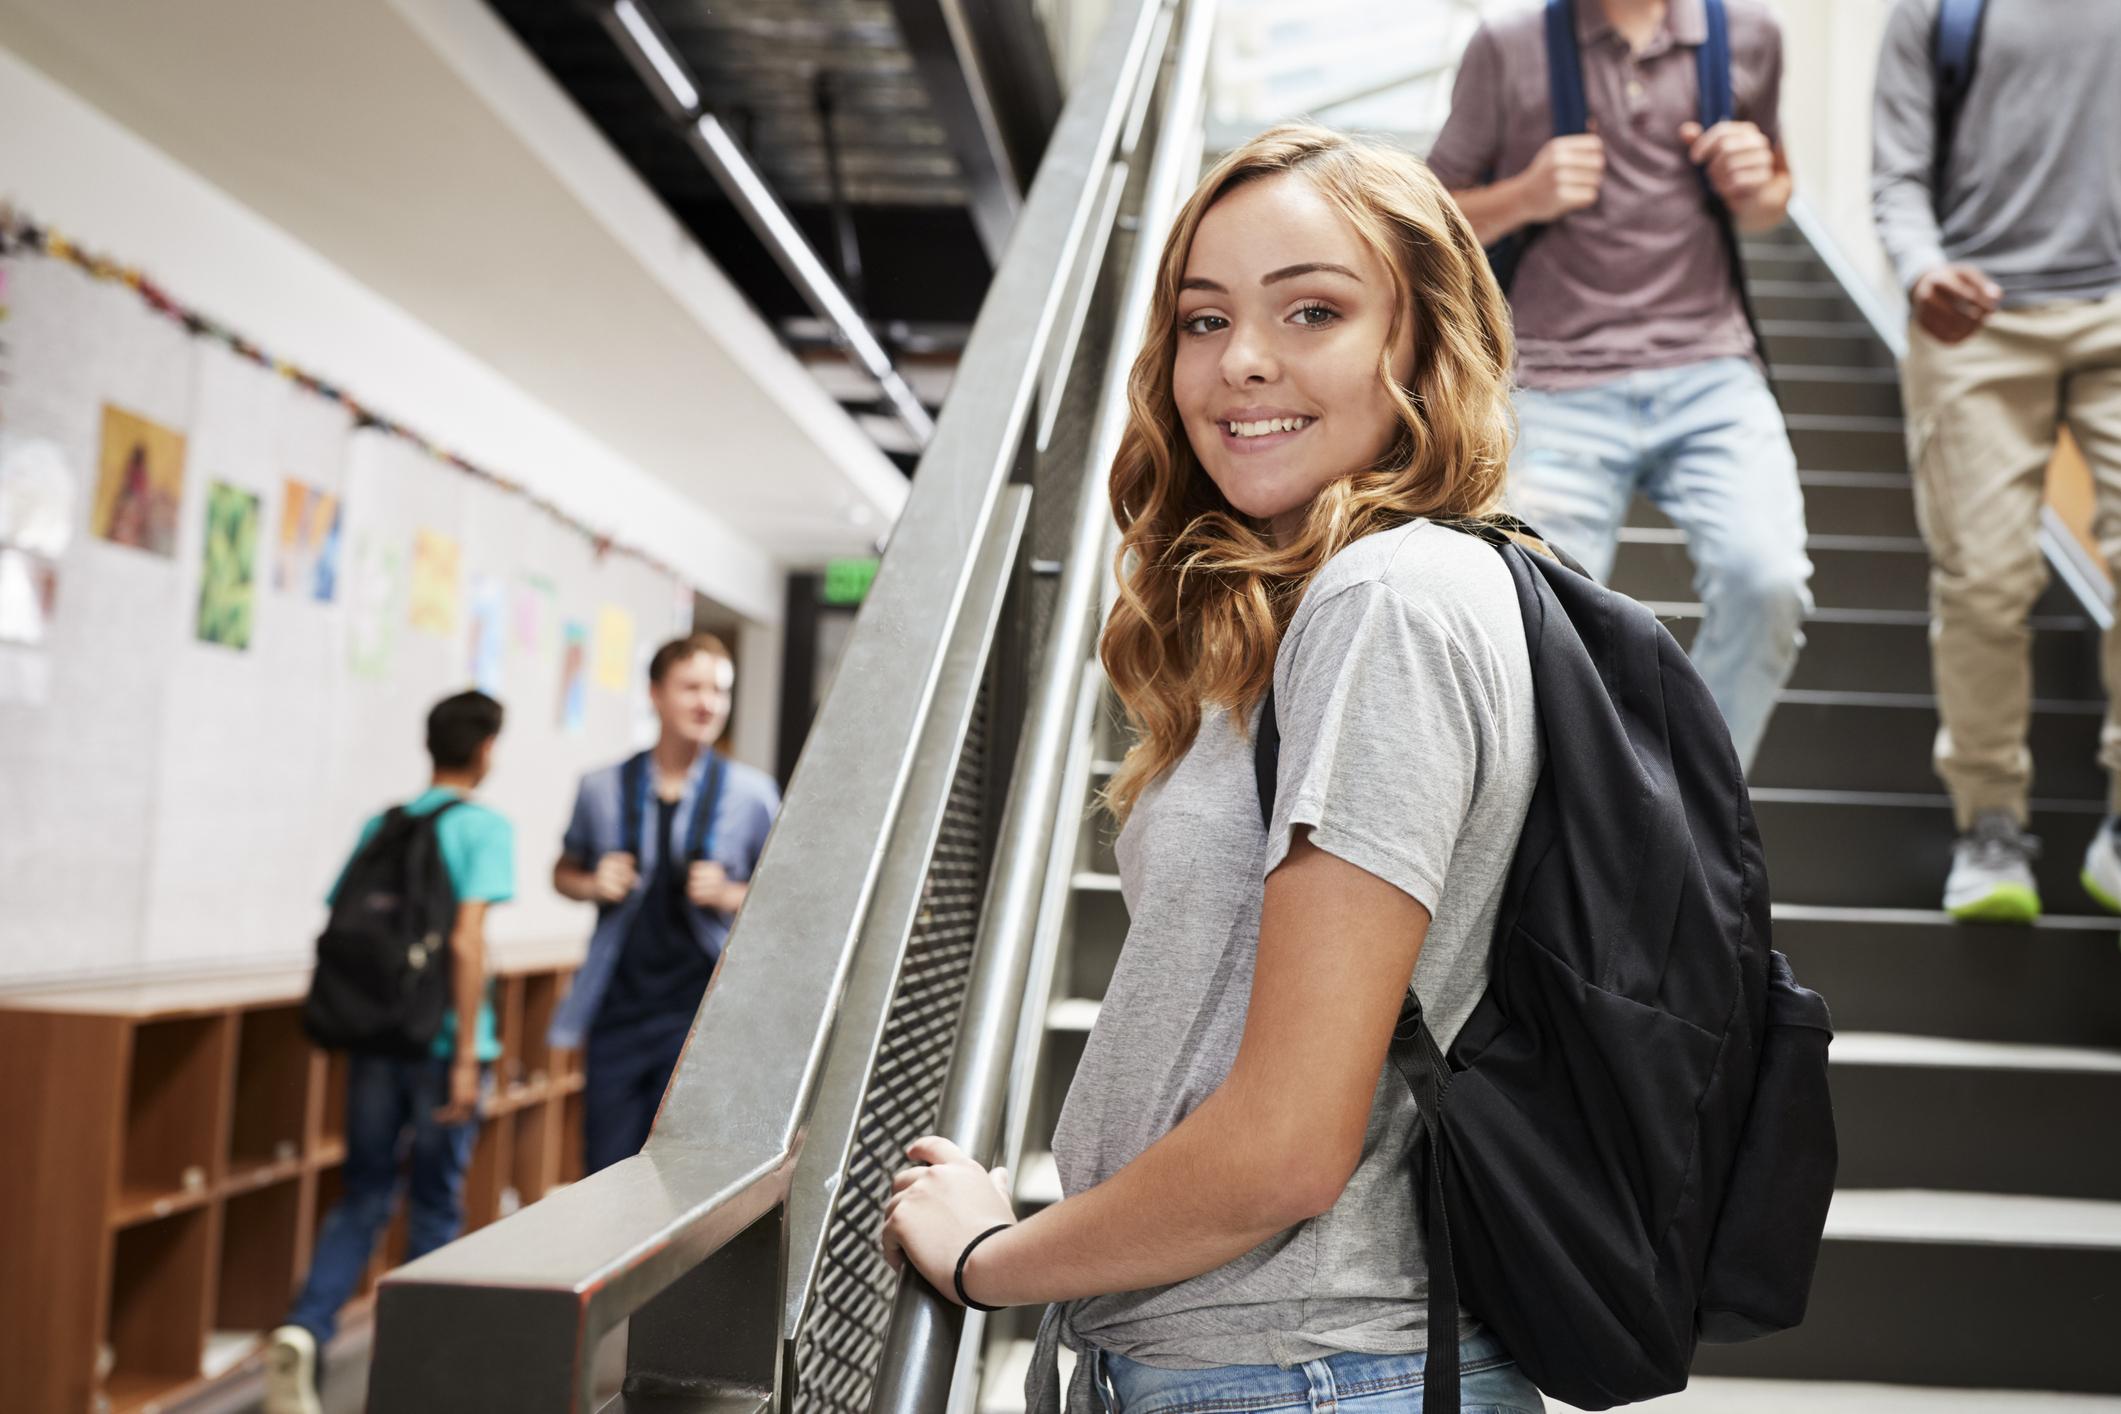 licealistka stojąca na schodach w niepublicznym liceum